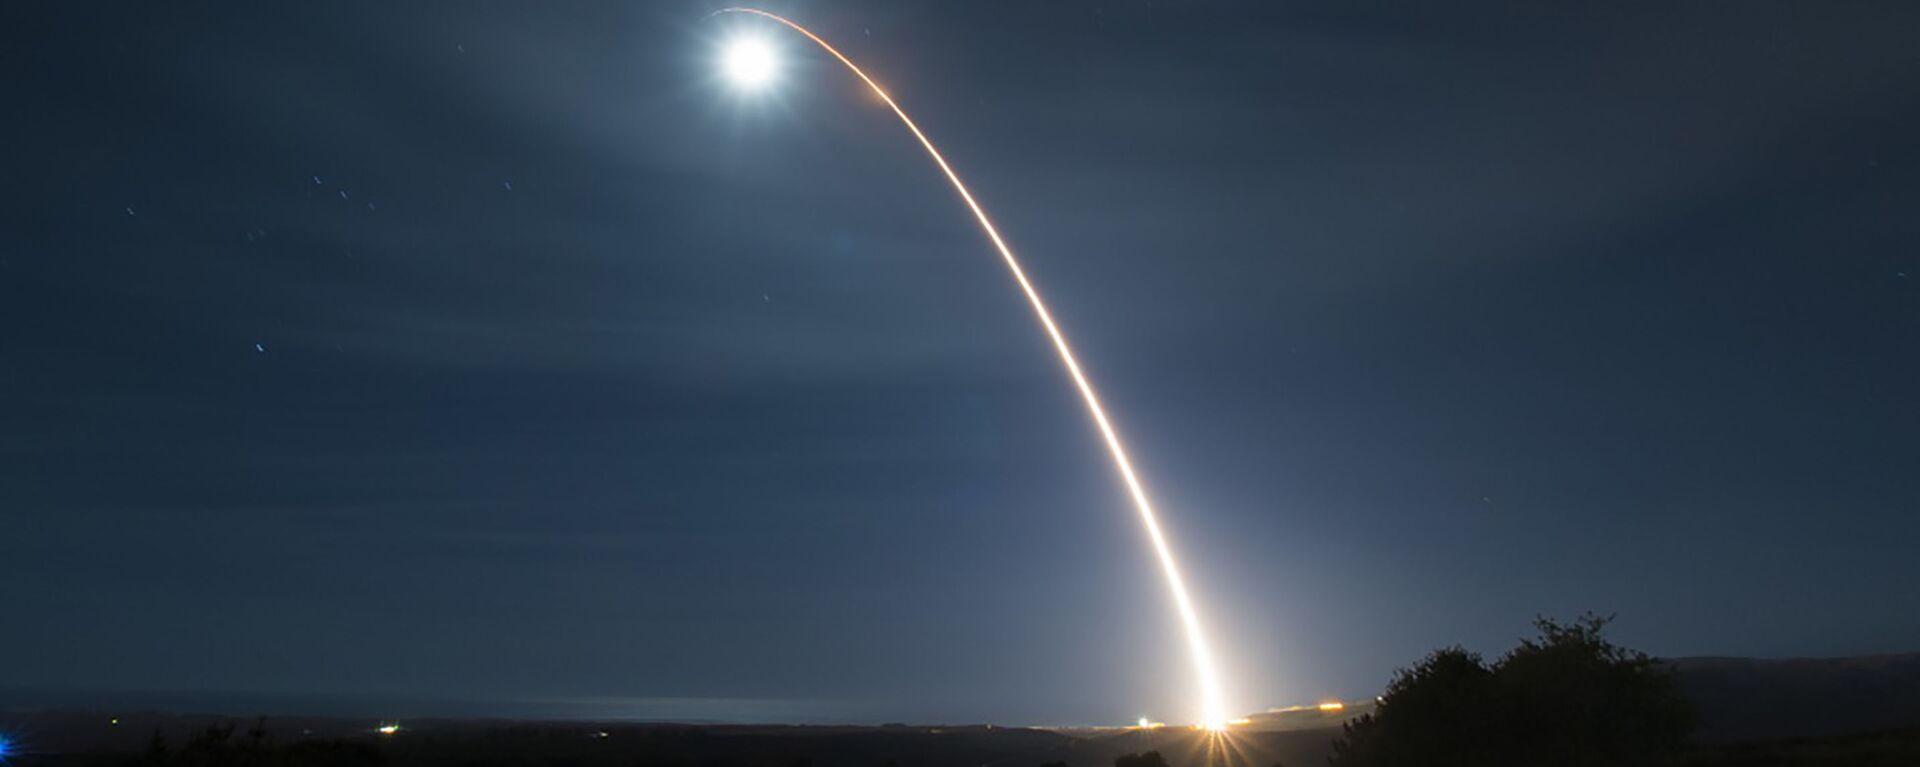 El lanzamiento de un misil balístico estadounidense  - Sputnik Mundo, 1920, 13.06.2021